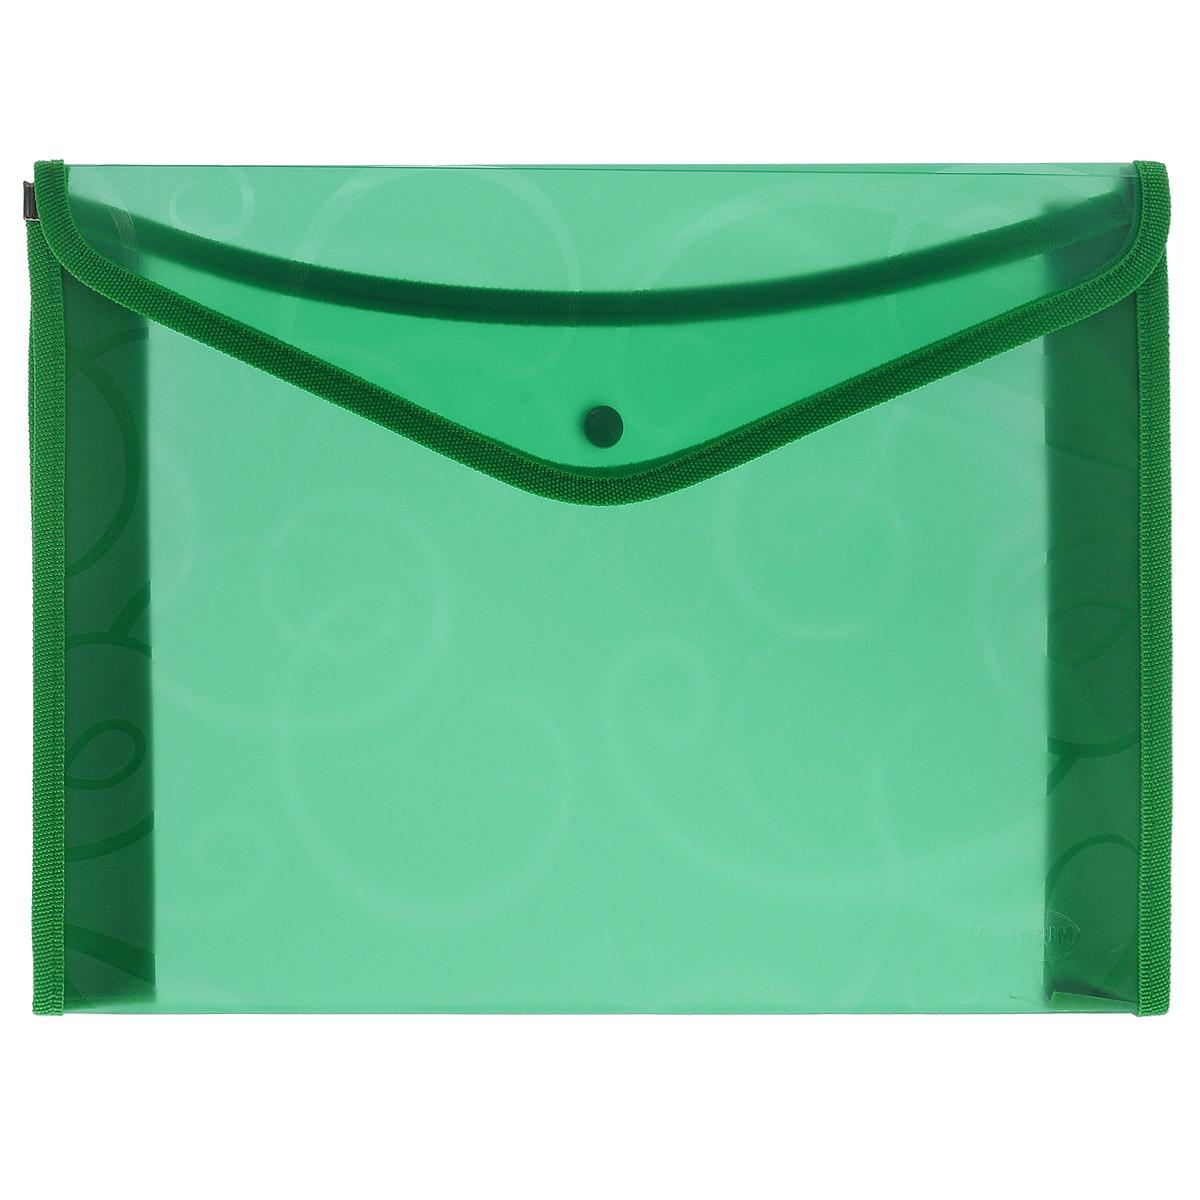 Centrum Папка-конверт на кнопке, цвет: зеленый, формат А480804Папка-конверт Centrum - это удобный и функциональный офисный инструмент, предназначенный для хранения и транспортировки рабочих бумаг и документов формата А4. Папка изготовлена из прочного полупрозрачного пластика, оформлена узором и по канту обработана текстилем. Закрывается на практичную крышку с кнопкой.Папка-конверт - это незаменимый атрибут для студента, школьника, офисного работника. Такая папка надежно сохранит ваши документы и сбережет их от повреждений, пыли и влаги.